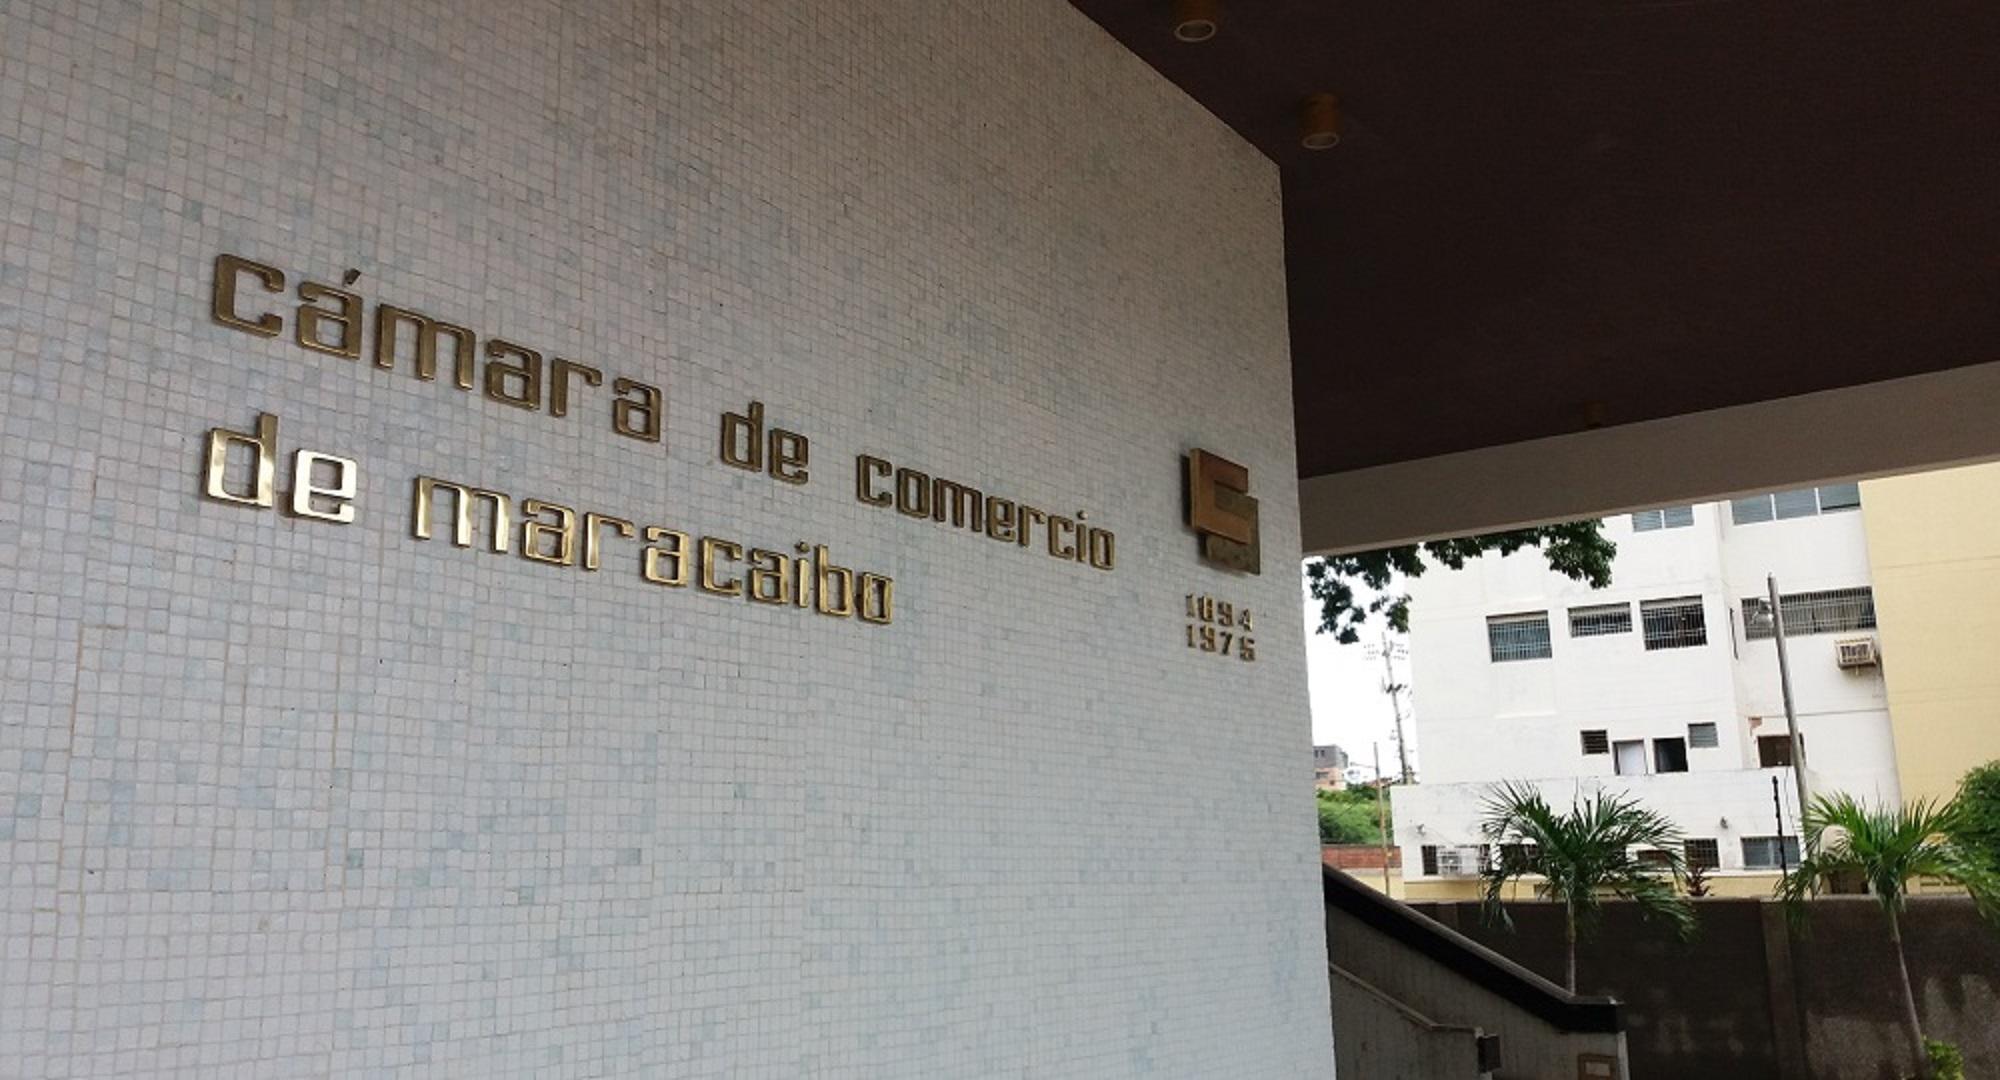 El team Zuliatec pasa a formar parte de la Cámara de Comercio de Maracaibo